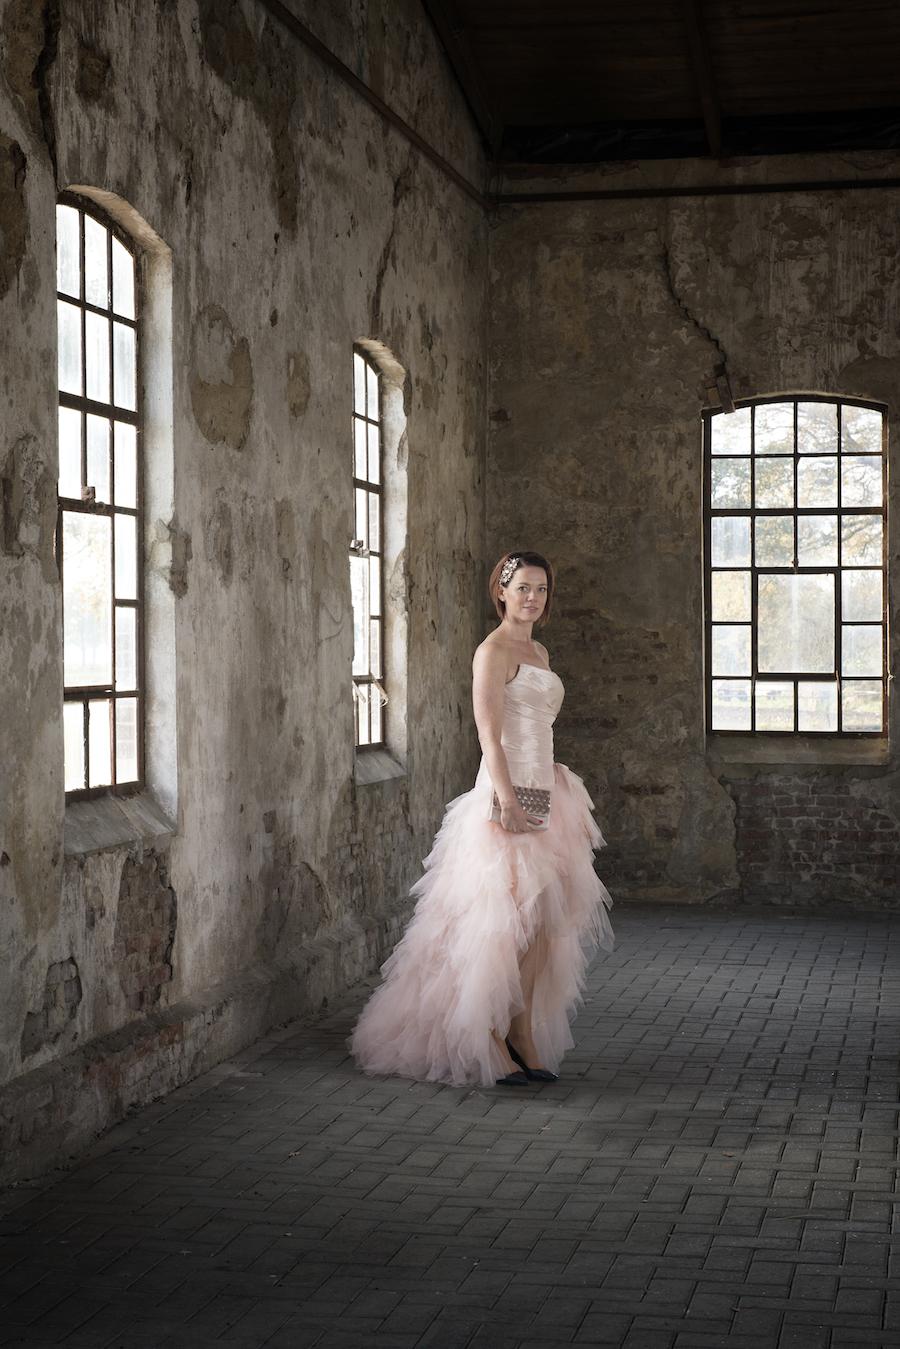 Een Roze Trouwjurk Judith S Ervaring Met Assepoester